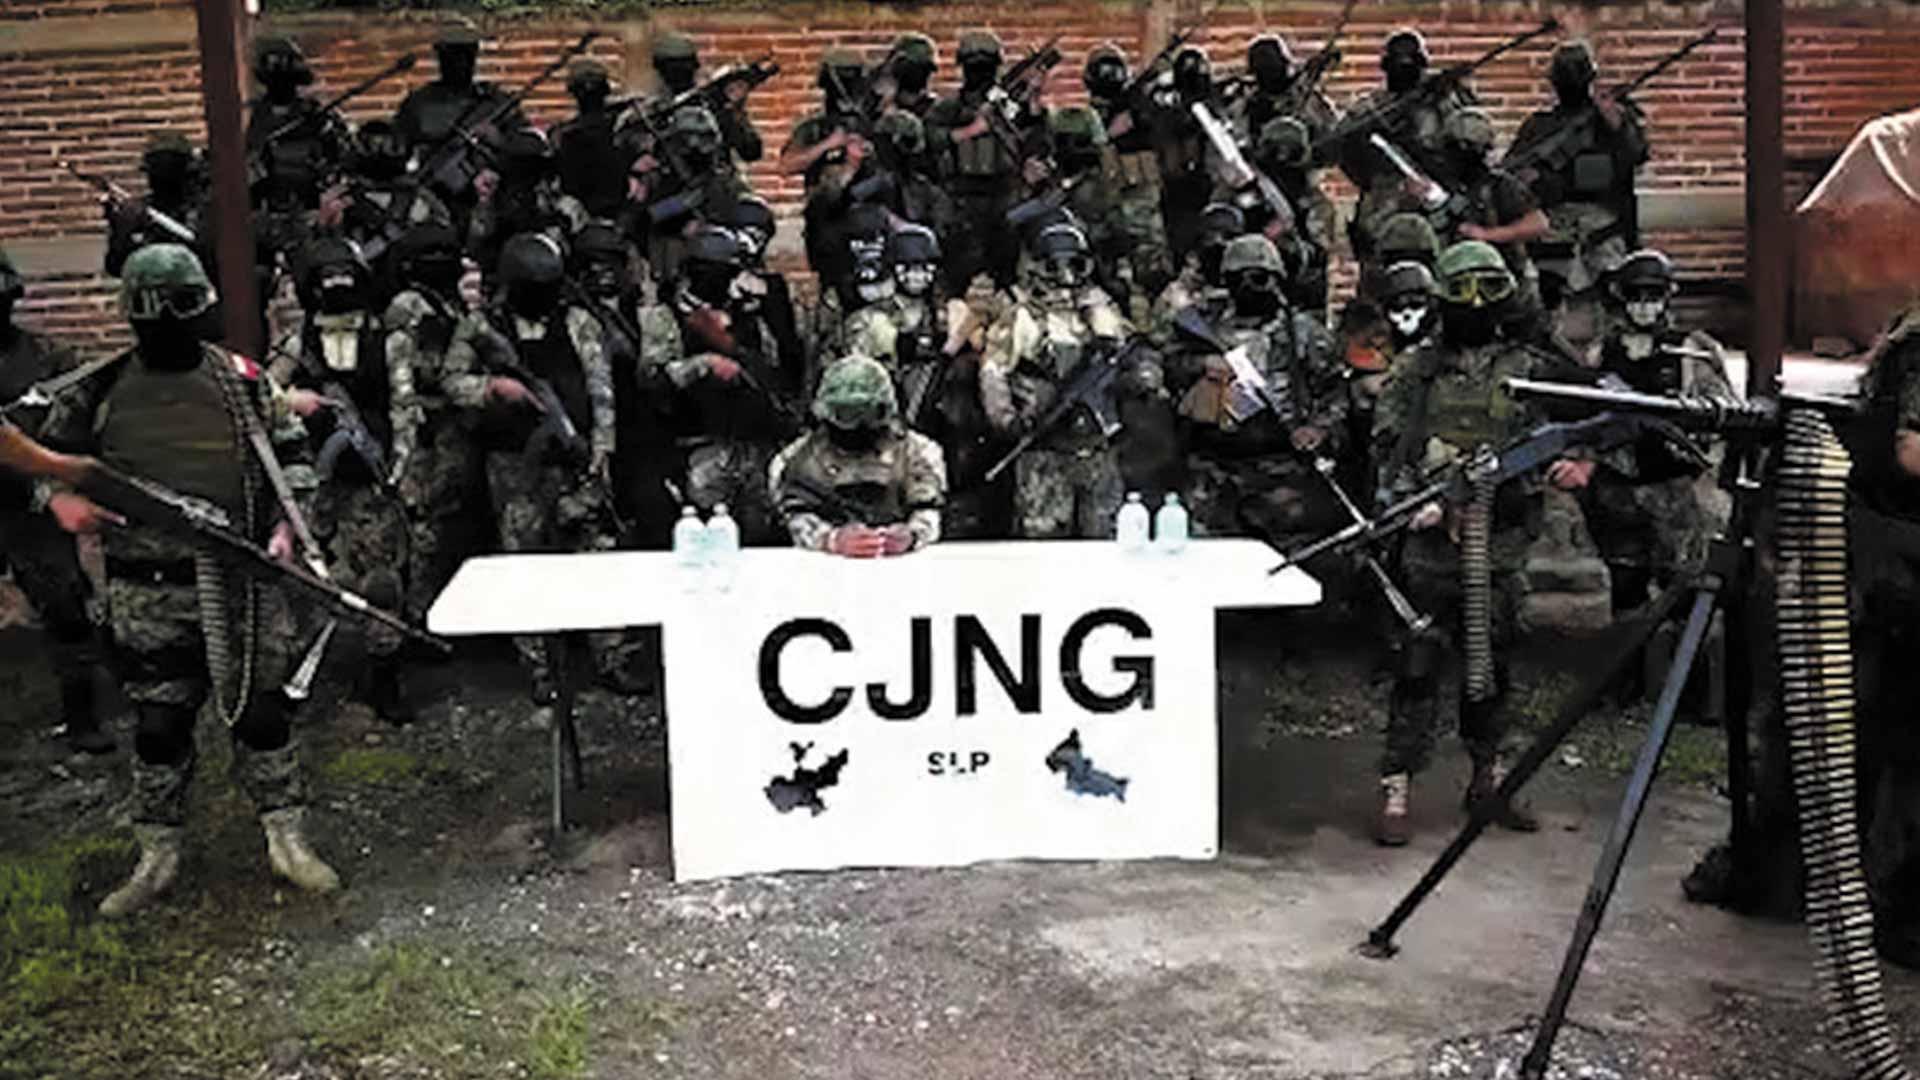 Cartel de Jalisco Nueva Generacion - Noticiero de Venezuela